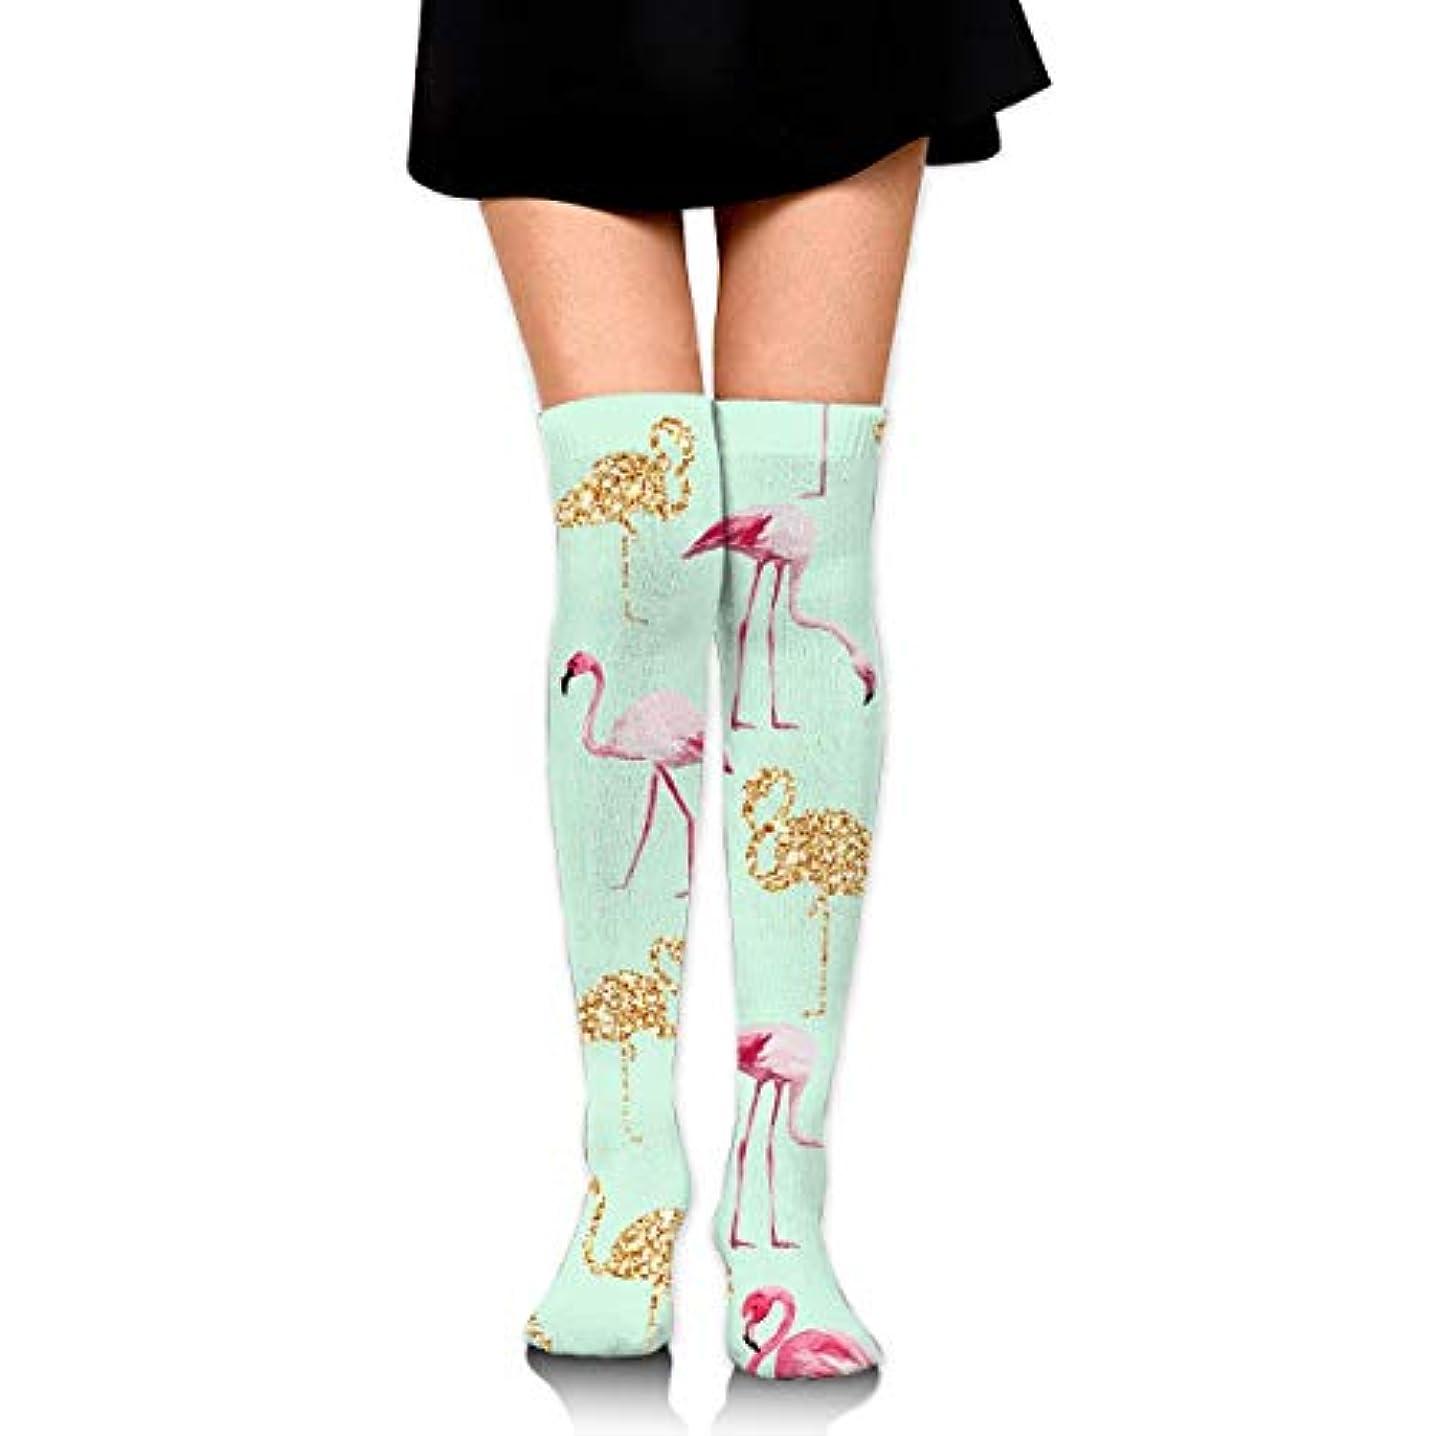 日食セットアップティーンエイジャーMKLOS 通気性 圧縮ソックス Breathable Classic Warmer Tube Leg Stockings Flamingo Mint Green Exotic Psychedelic Print Compression...